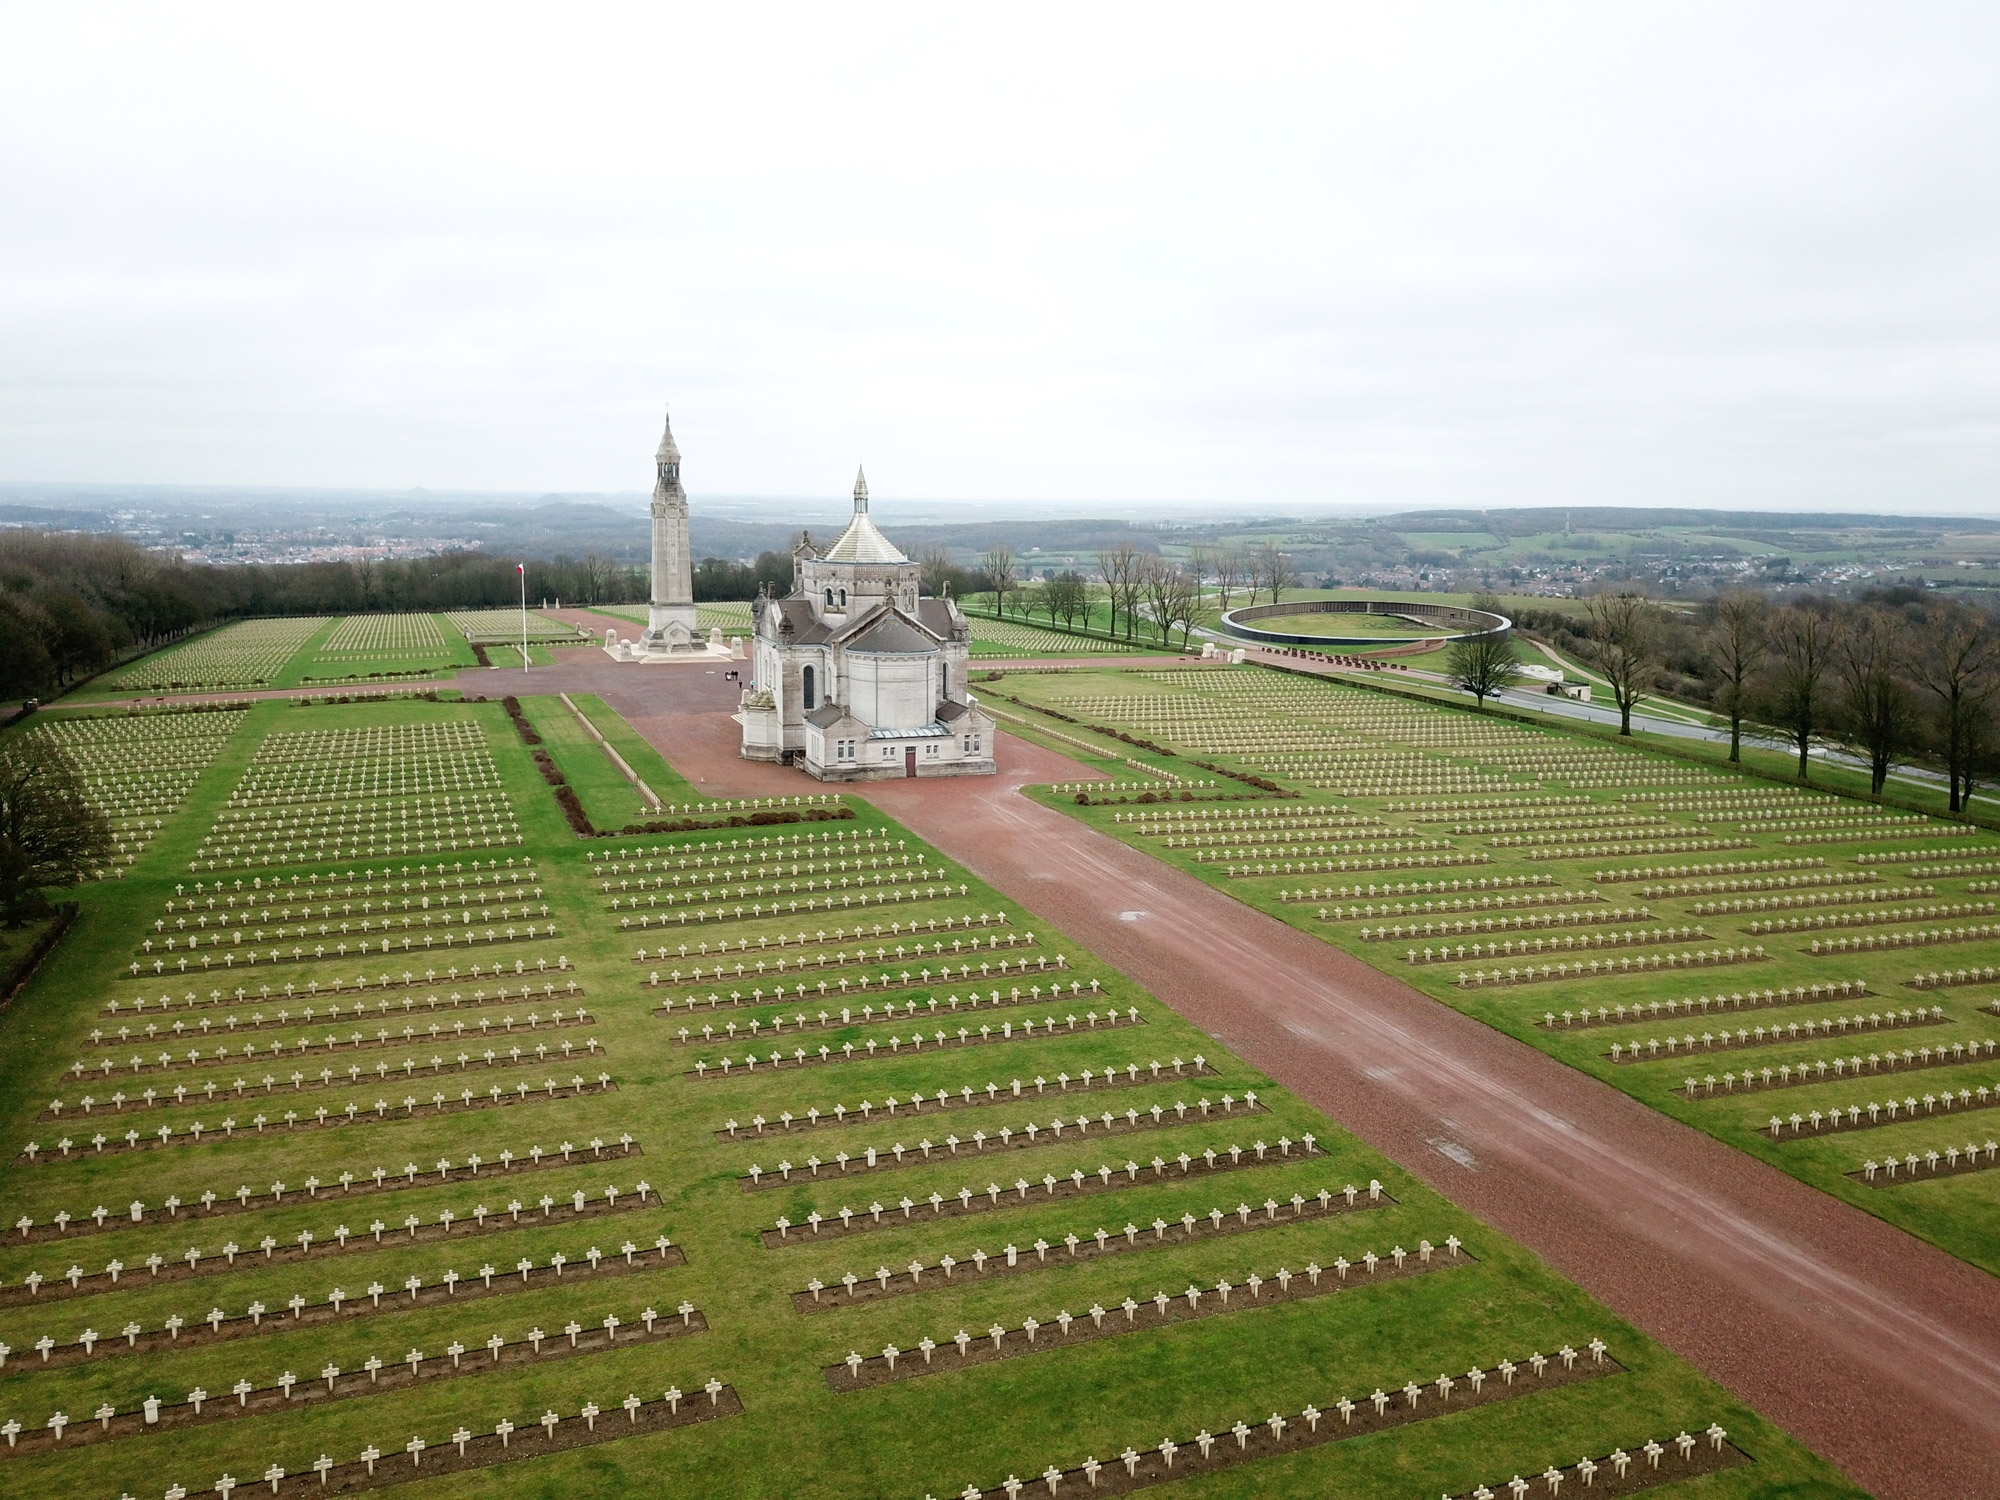 Stedentrip Arras - Notre Dame de Lorette